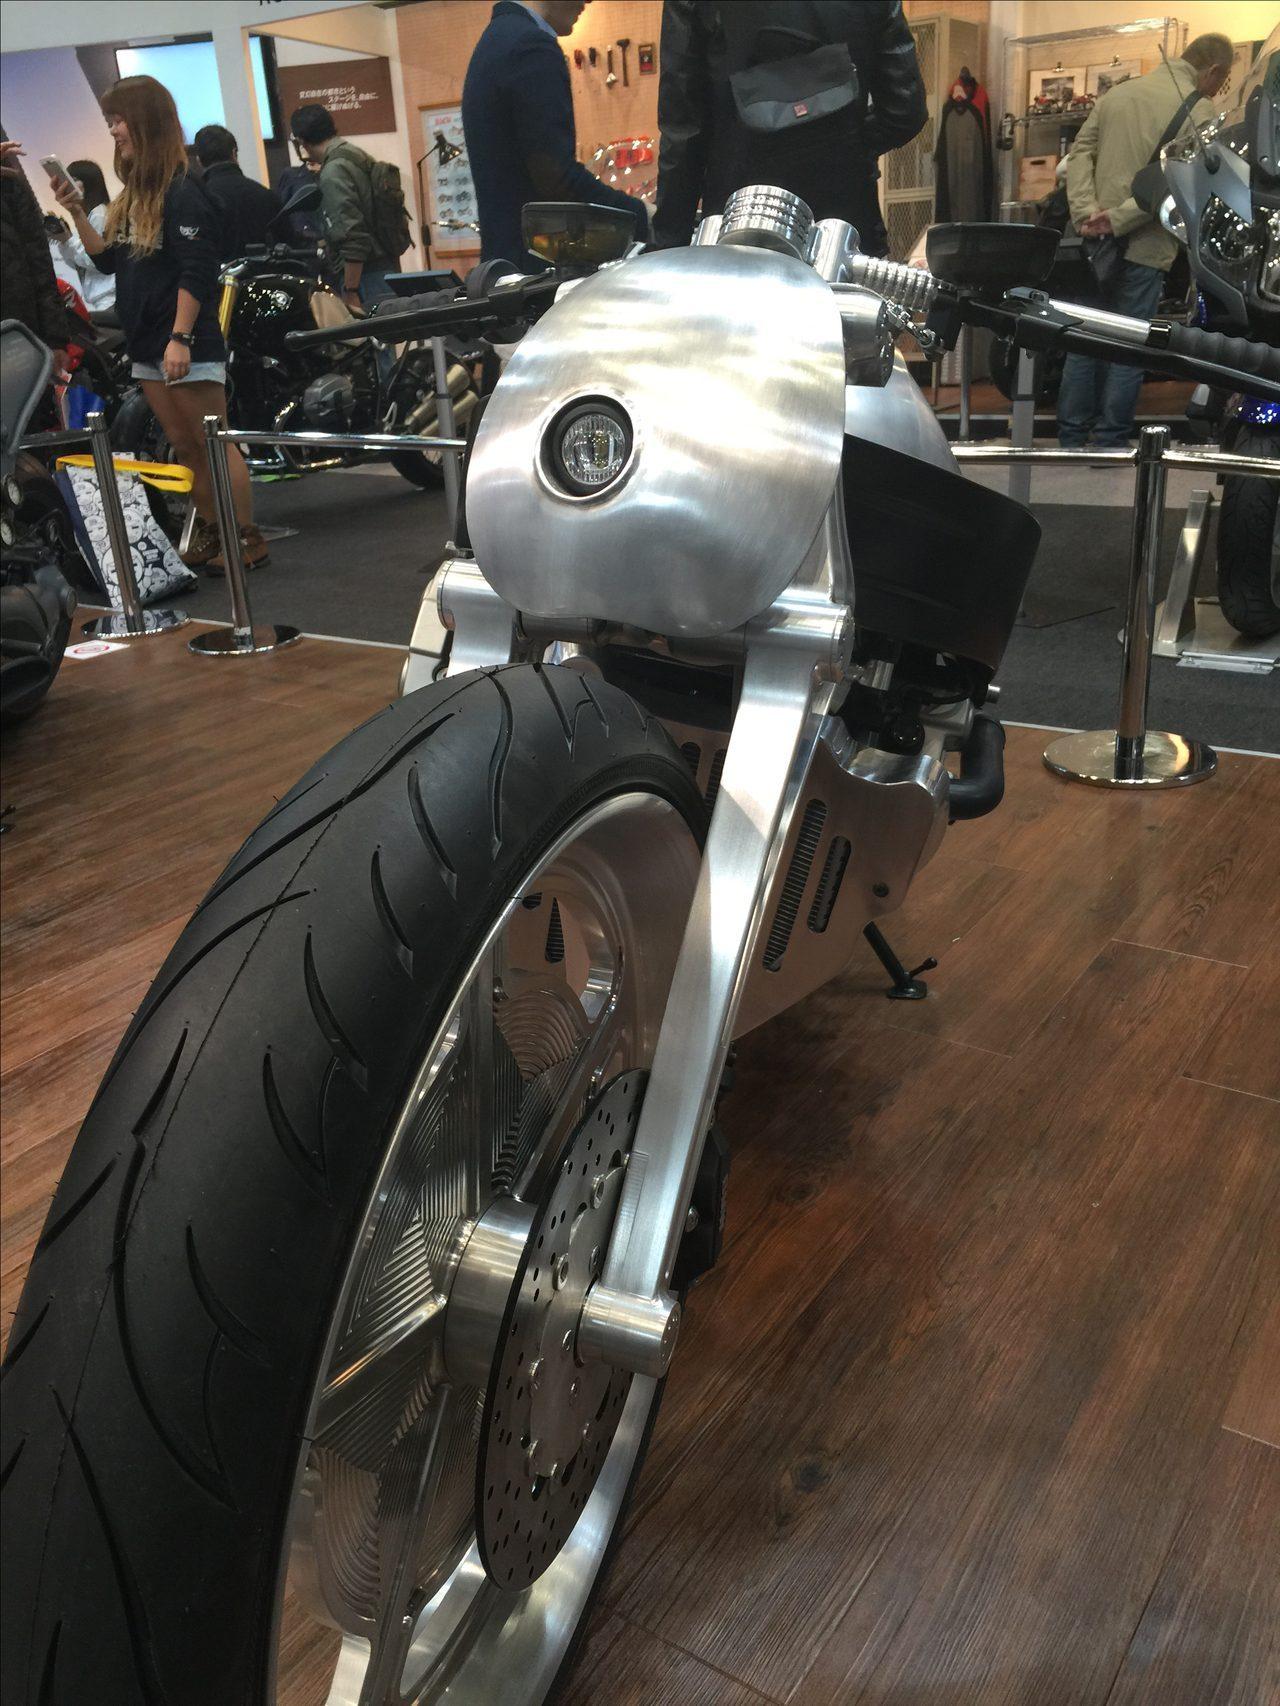 画像: 東京モーターサイクルショーで大注目だったBMW「K 1600 GTL」のカスタムバイクがついに一般公開されます! - LAWRENCE(ロレンス) - Motorcycle x Cars + α = Your Life.